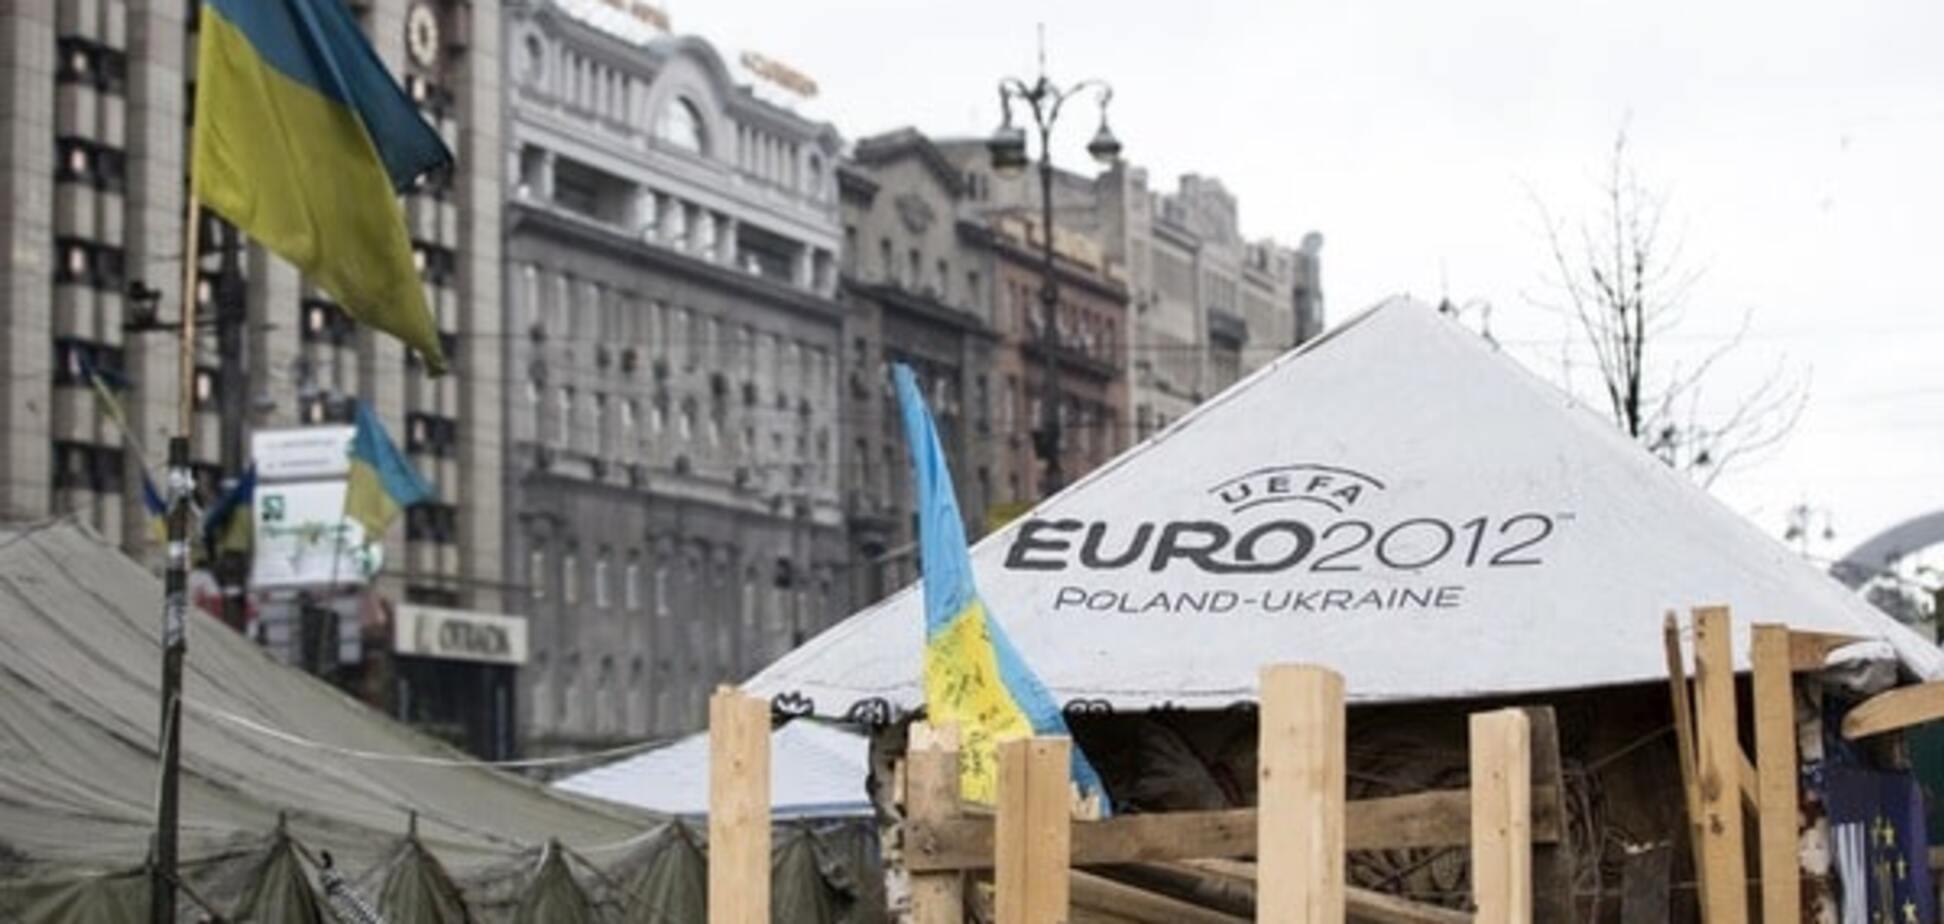 Кабмин не предусмотрел в бюджете денег на погашение долгов Евро-2012